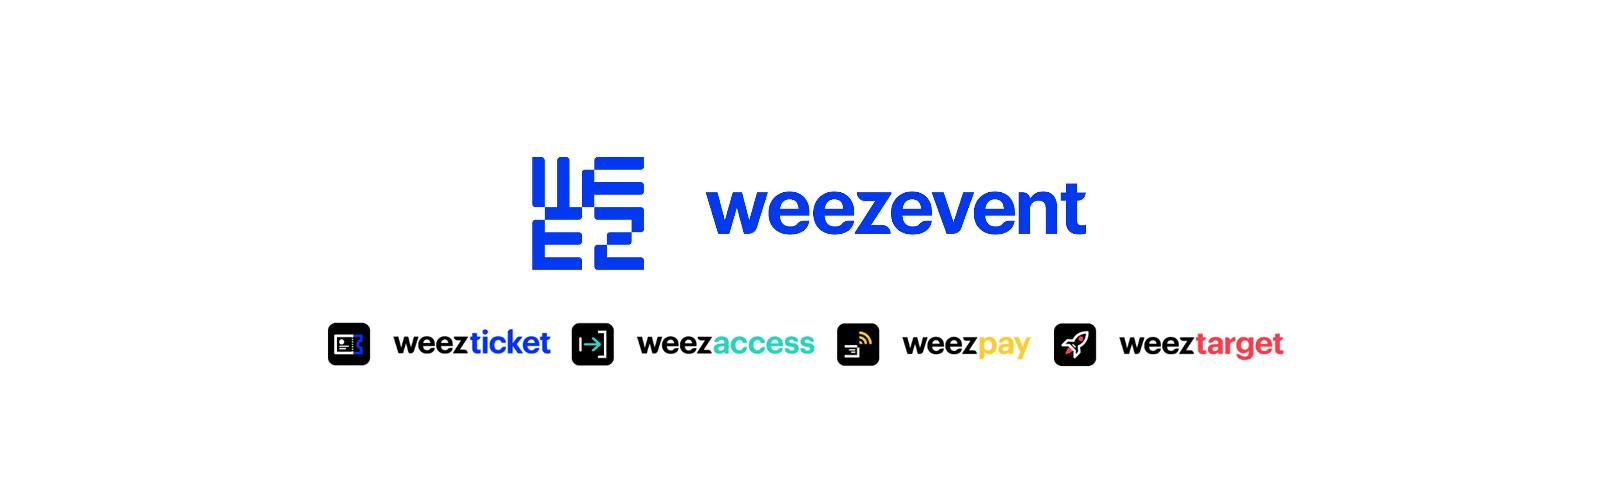 weezevent-nouveau-logo